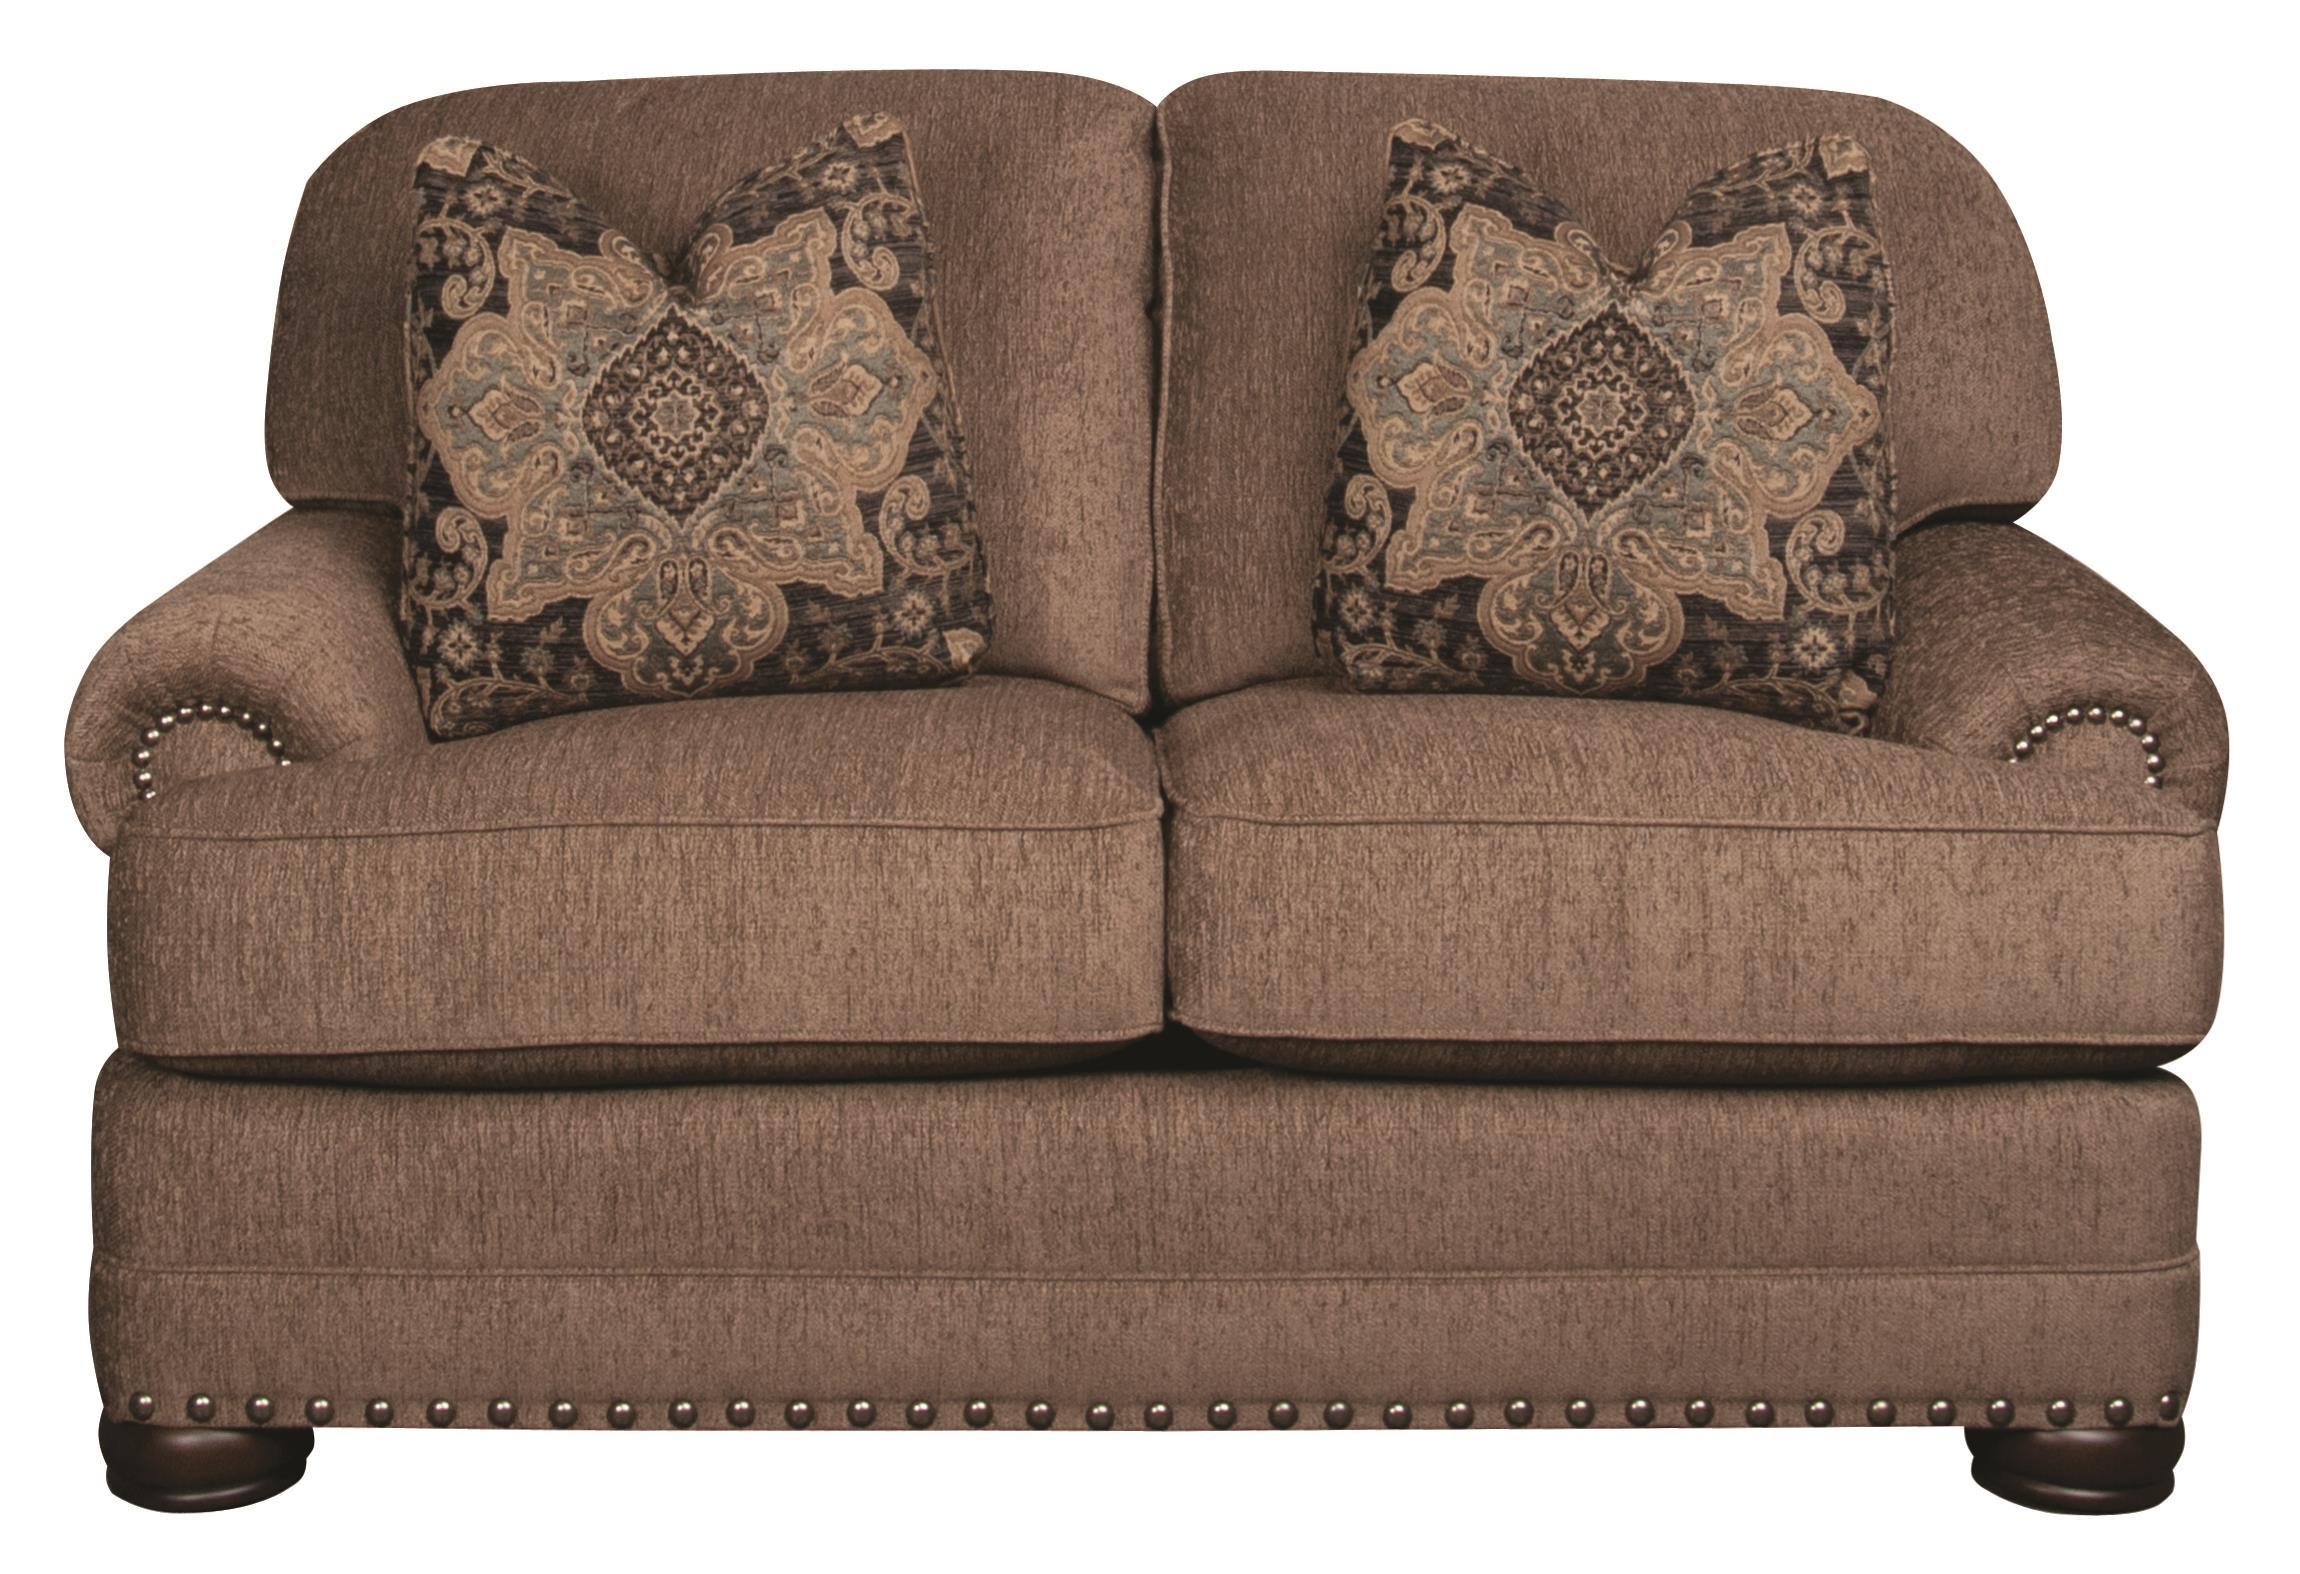 Morris Home Furnishings Duke Duke Loveseat - Item Number: 104275753